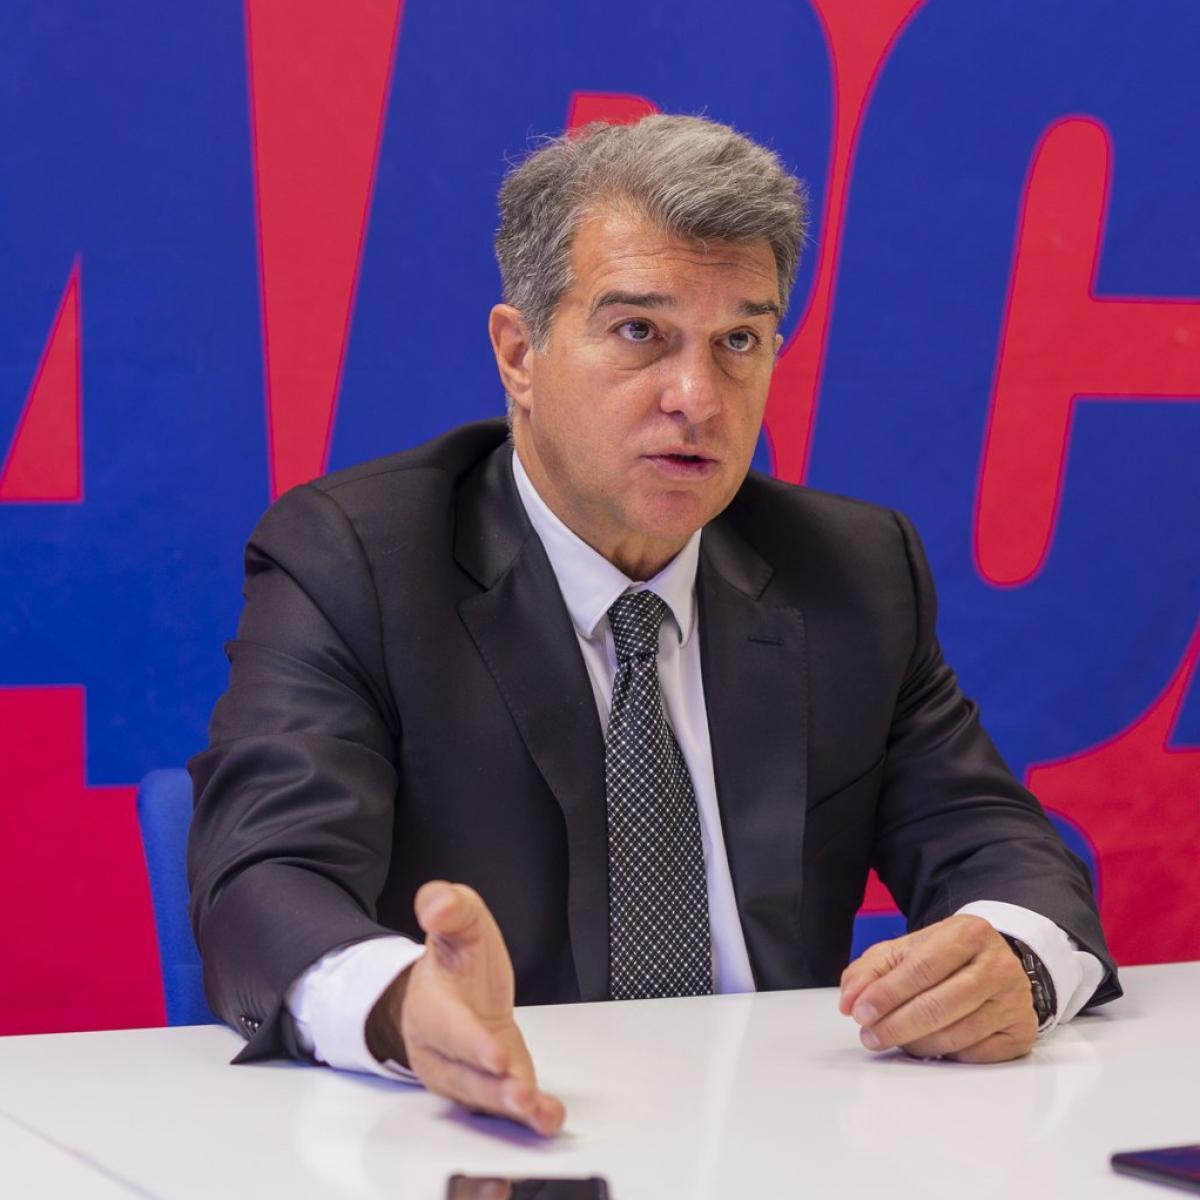 Première conférence de presse du président de Barcelone, Joan Laporta : « Le club doit connaître une réforme à tous les niveaux »